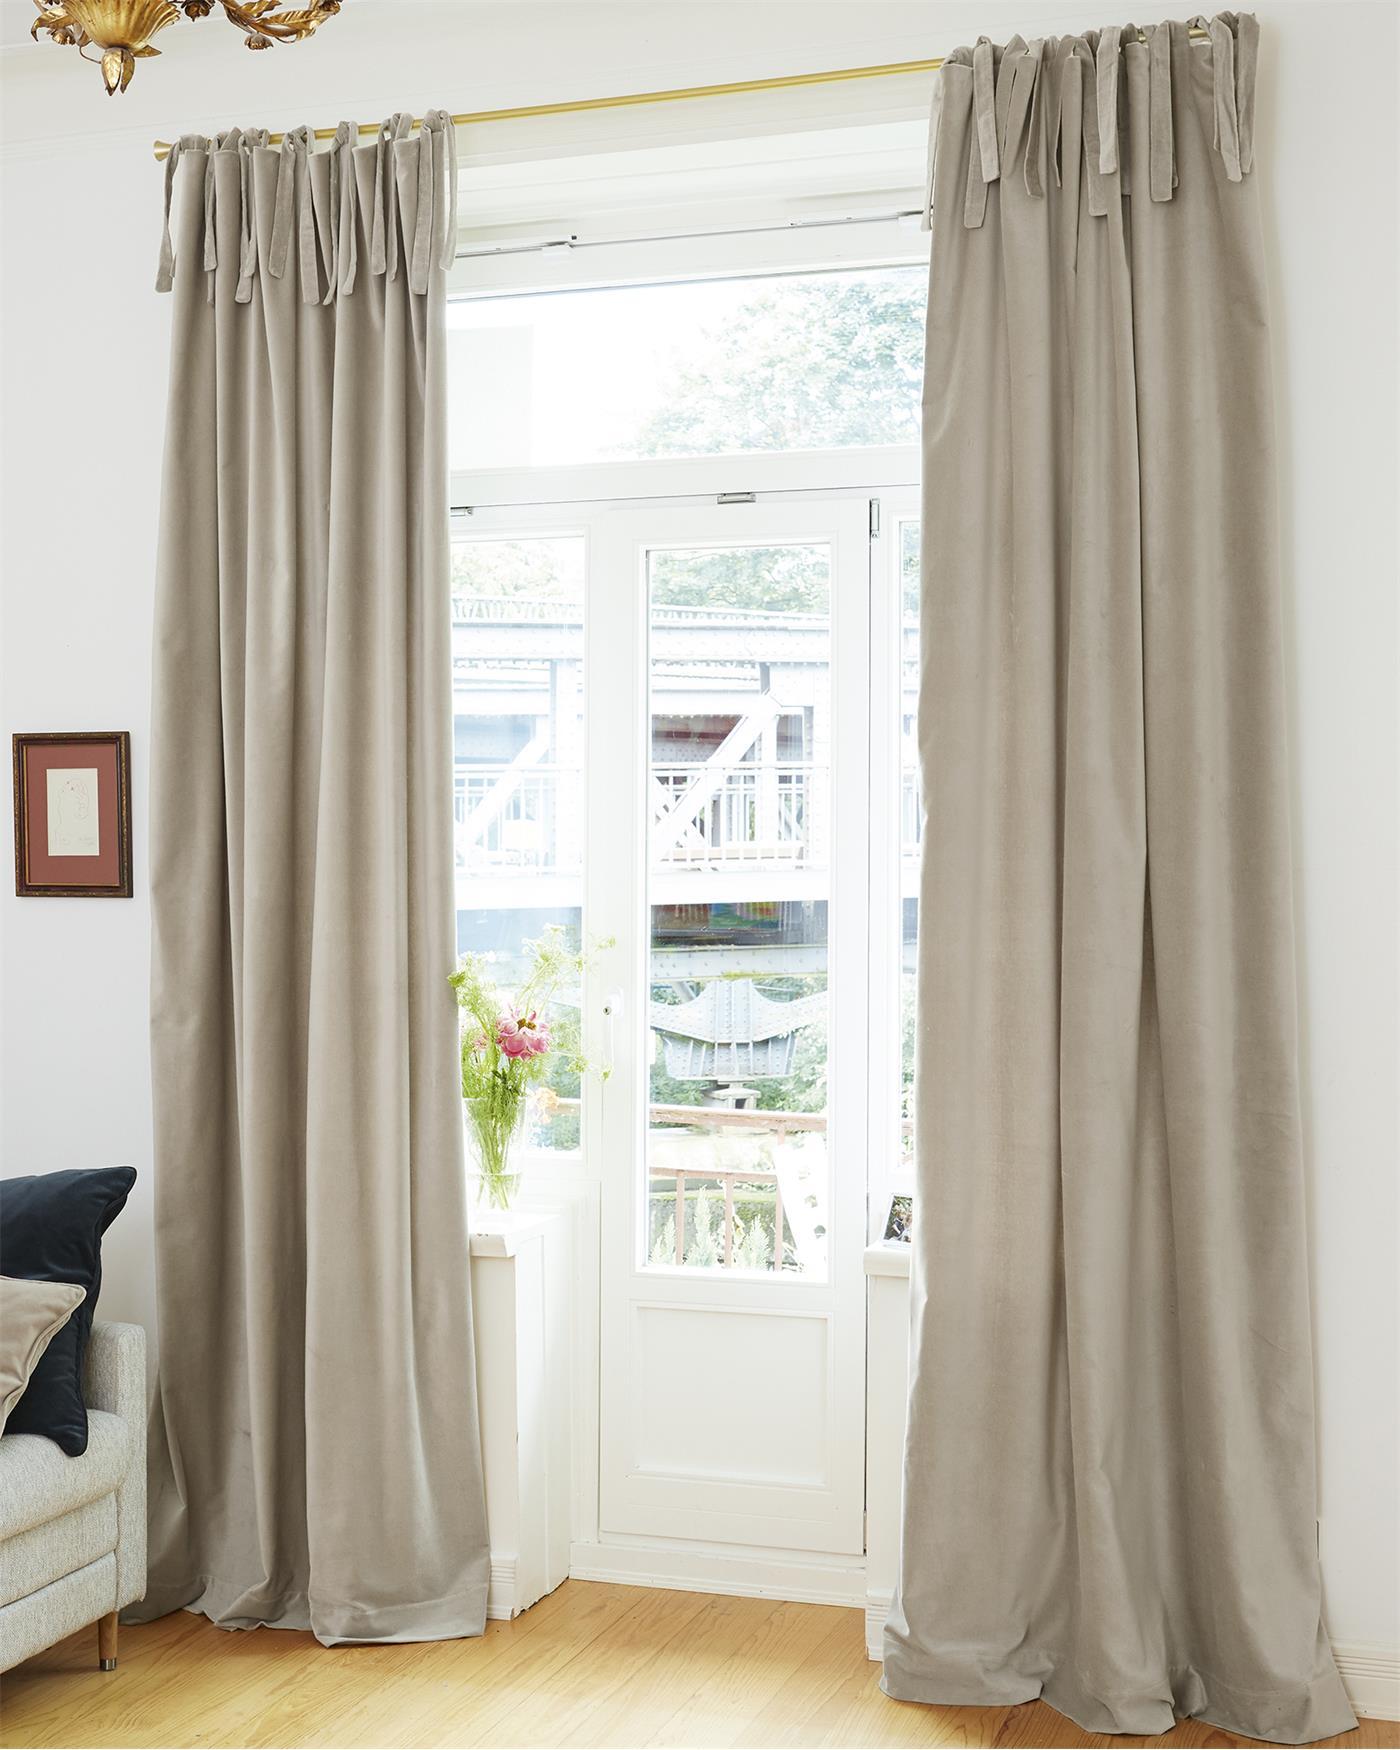 vorhnge blickdicht elegant vorhang wei nett vorhnge blickdicht galerie with vorhnge blickdicht. Black Bedroom Furniture Sets. Home Design Ideas